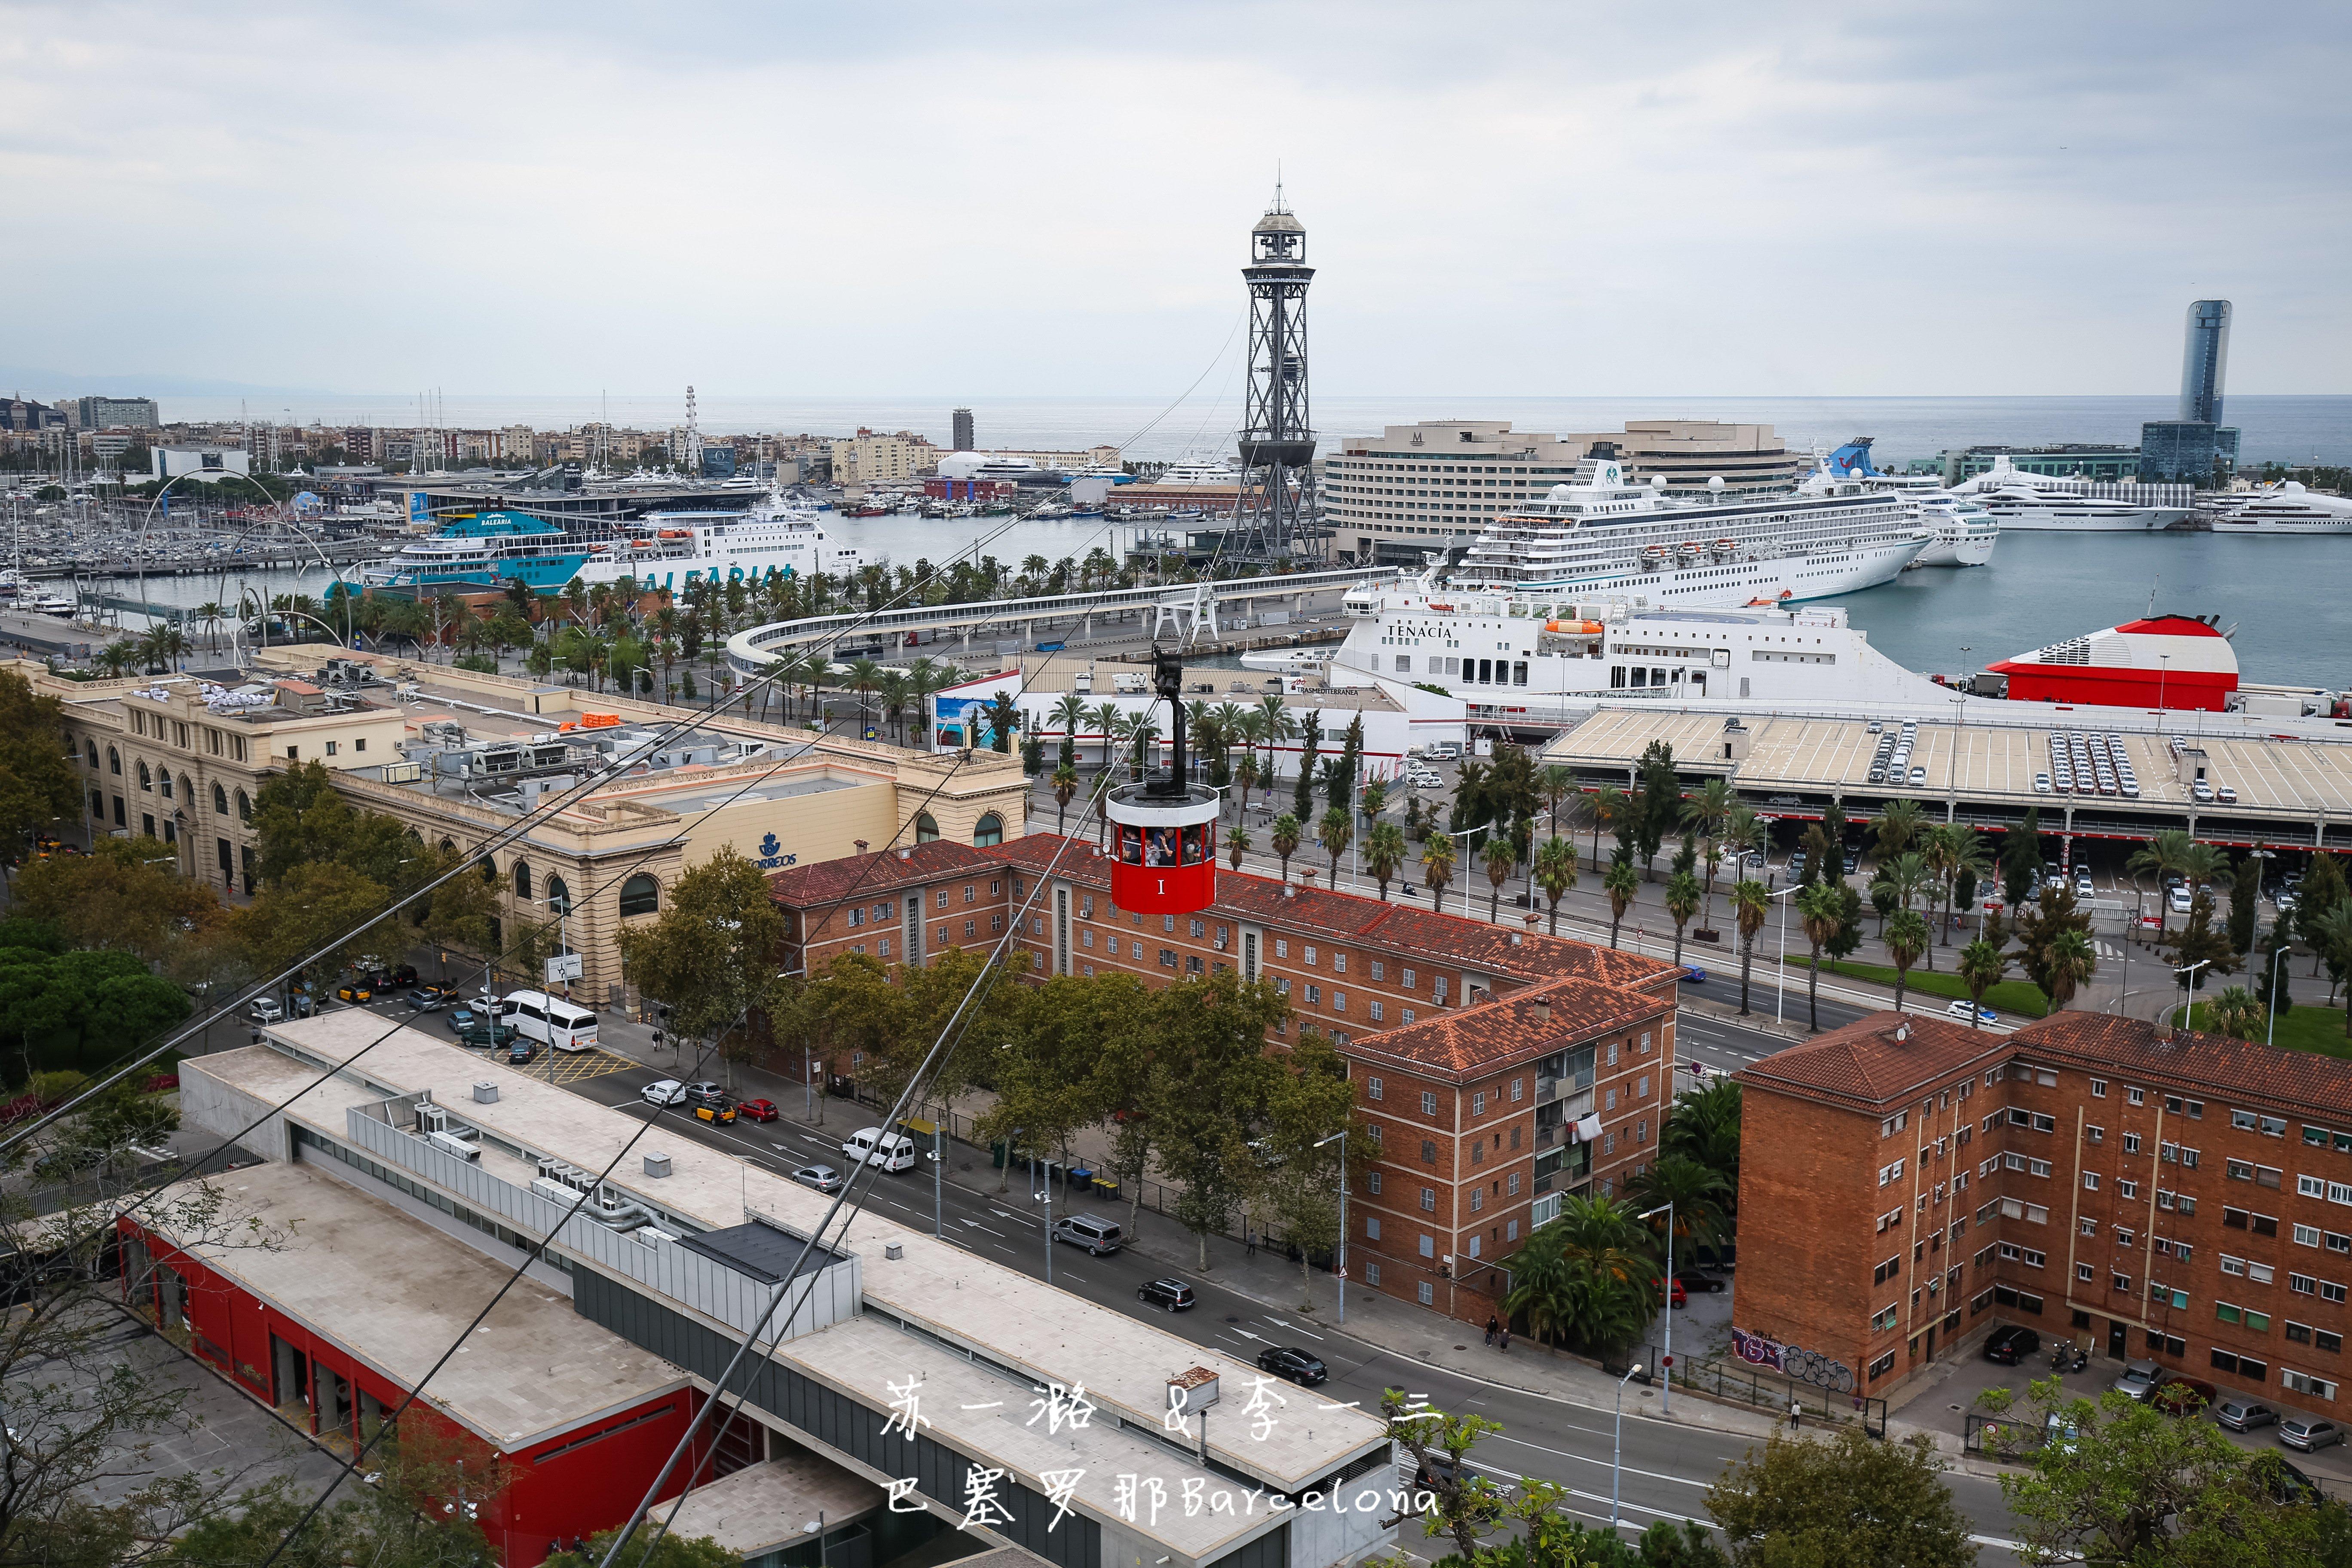 【西班牙】悠闲之城塞维利亚与高迪之城巴塞罗那